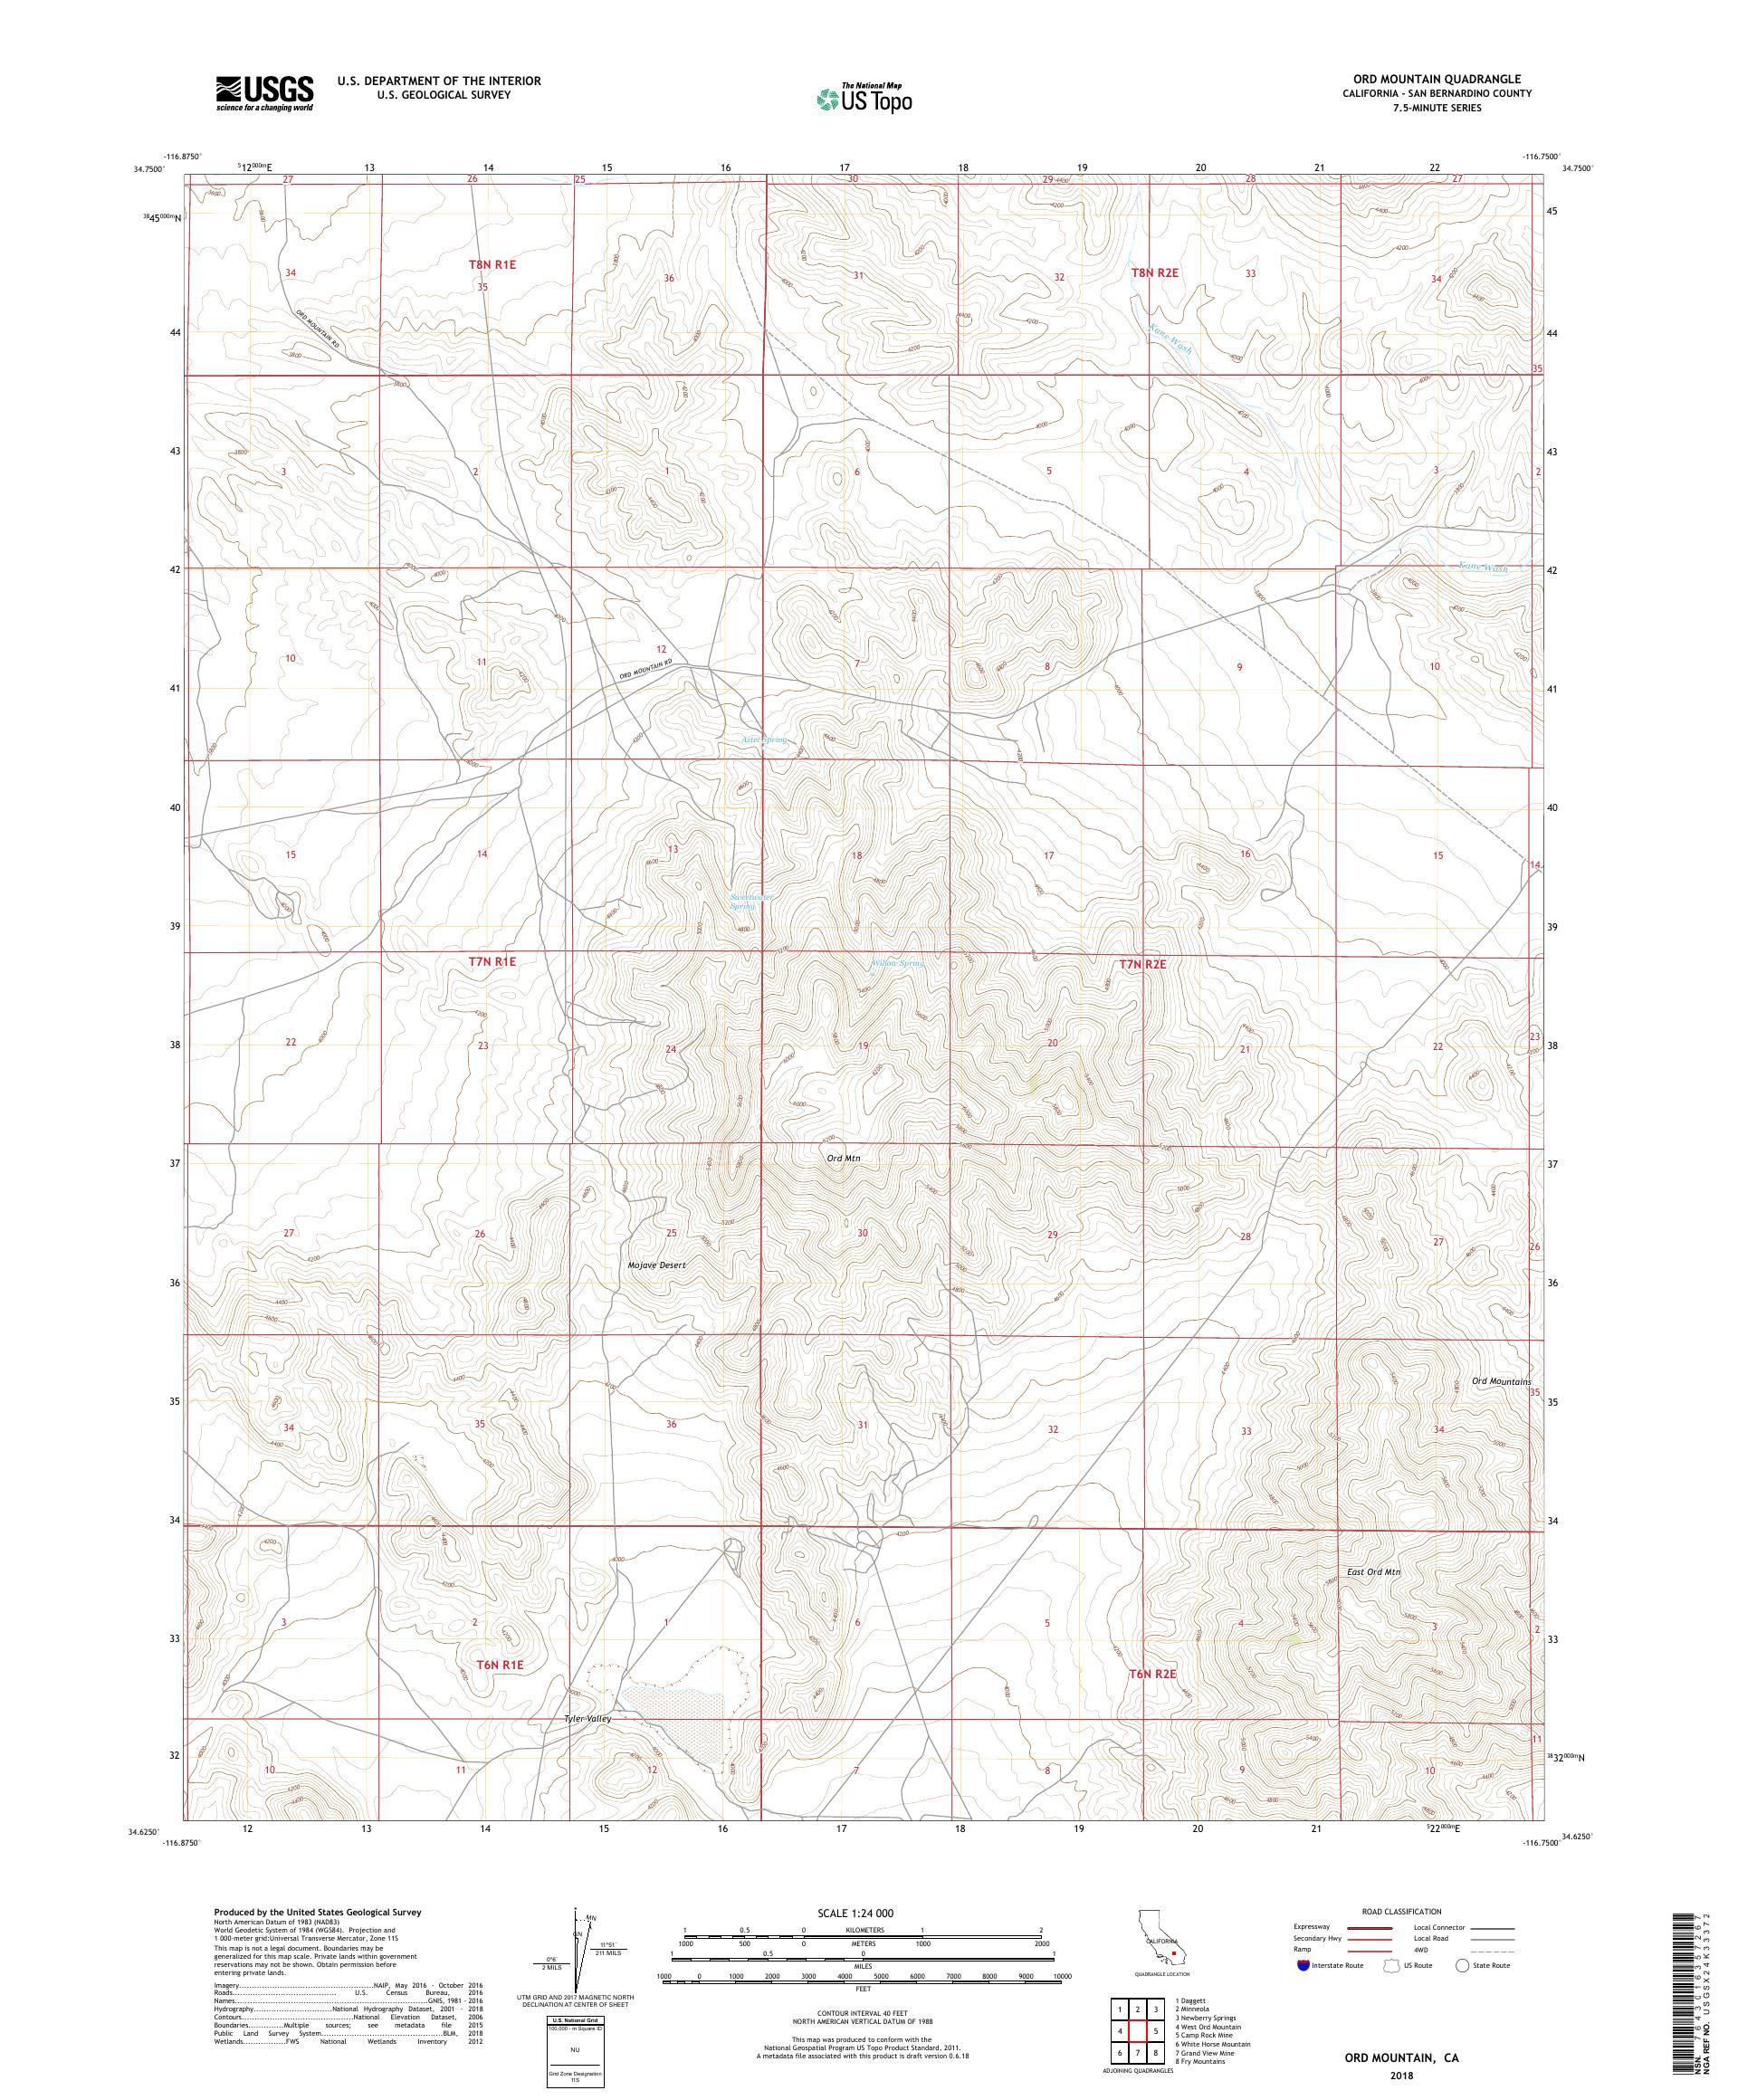 MyTopo Ord Mountain, California USGS Quad Topo Map